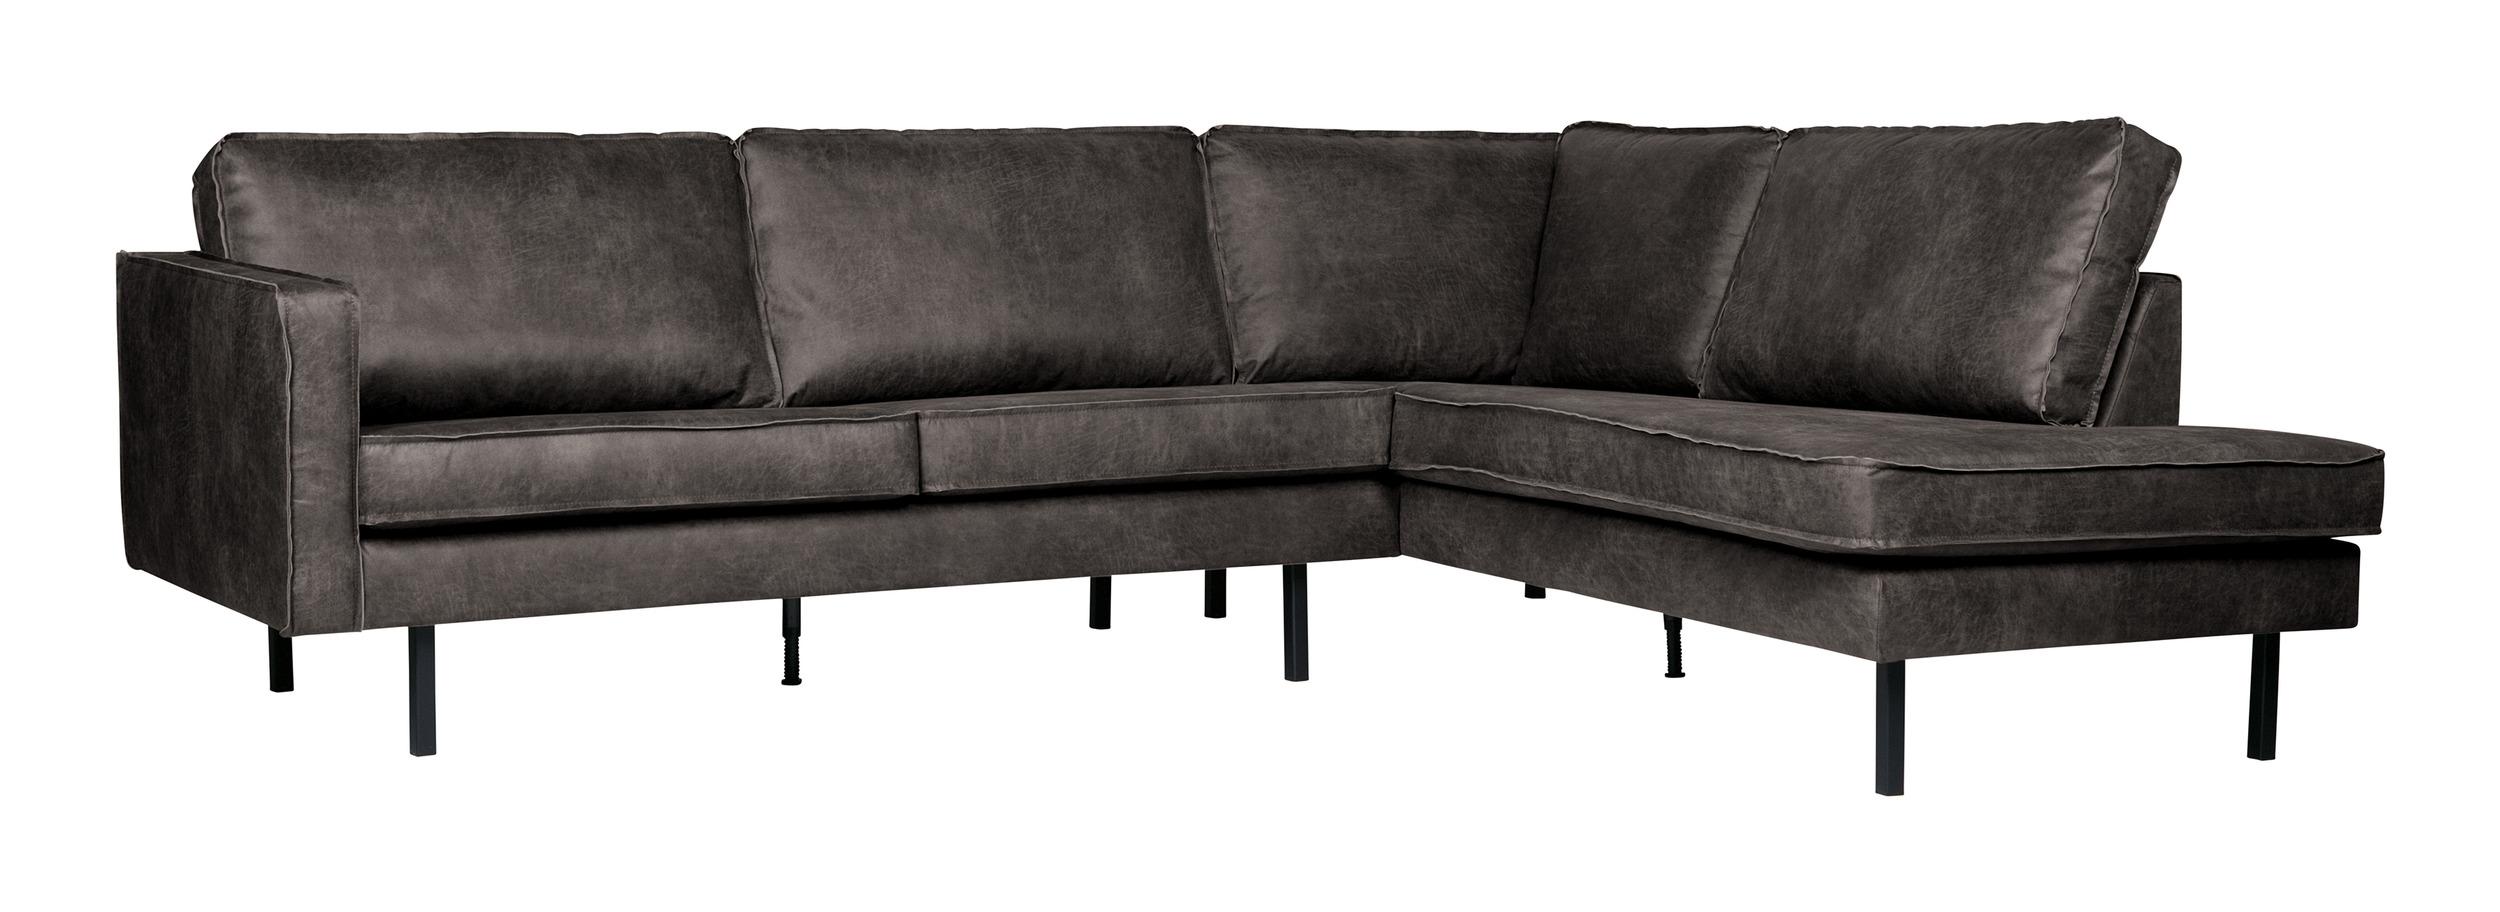 BePureHome Loungebank 'Rodeo' Rechts, kleur Zwart